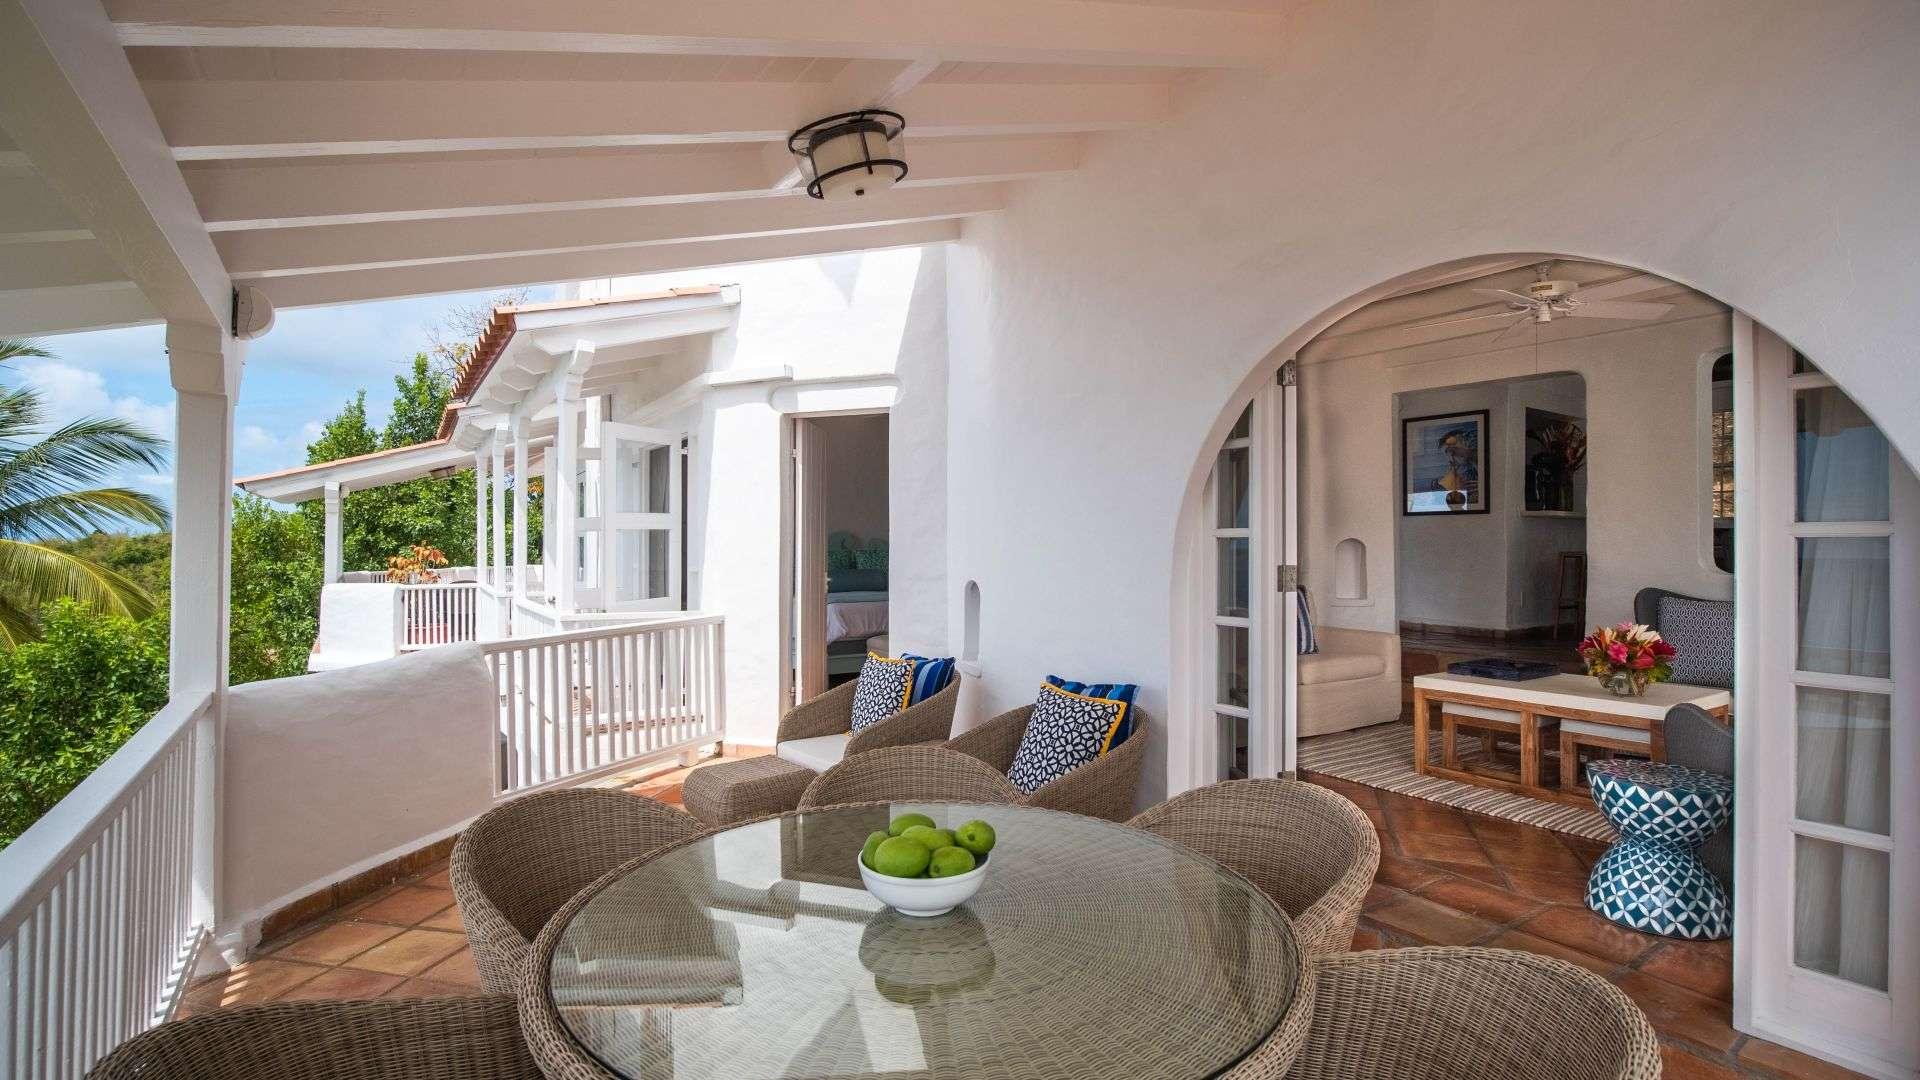 Luxury villa rentals caribbean - St lucia - Windjammer landing beach resort - Premium Ocean View | 2 Bedroom Villa - Image 1/9